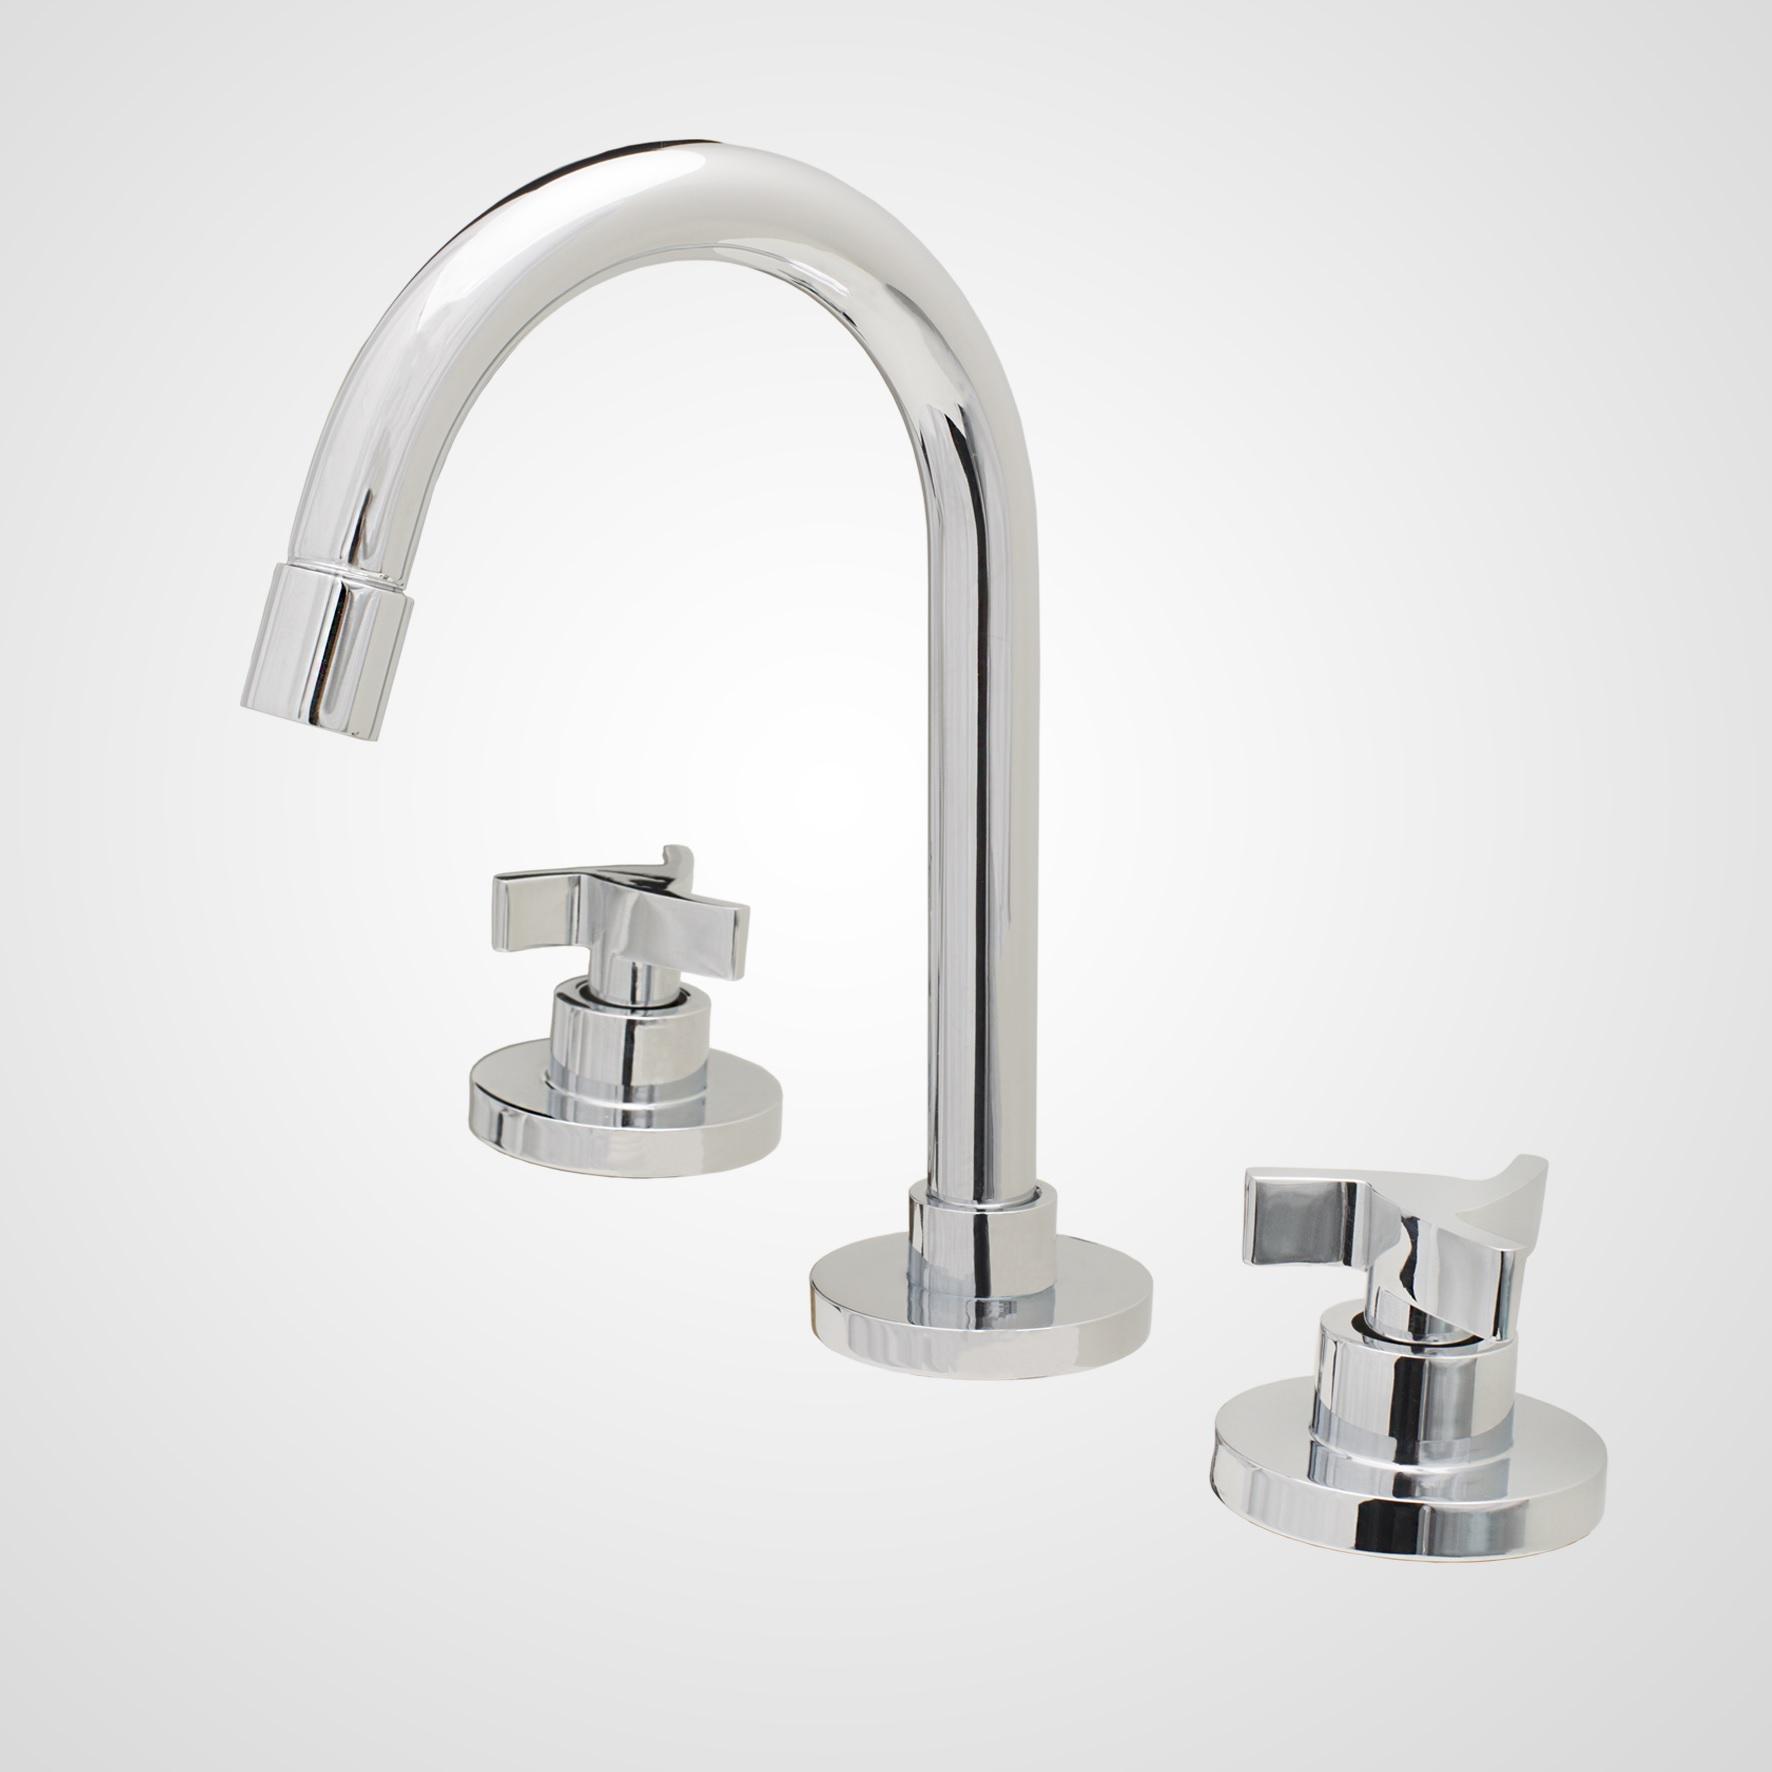 Misturador Banheiro Mesa Likeflex DN15 1877 C29